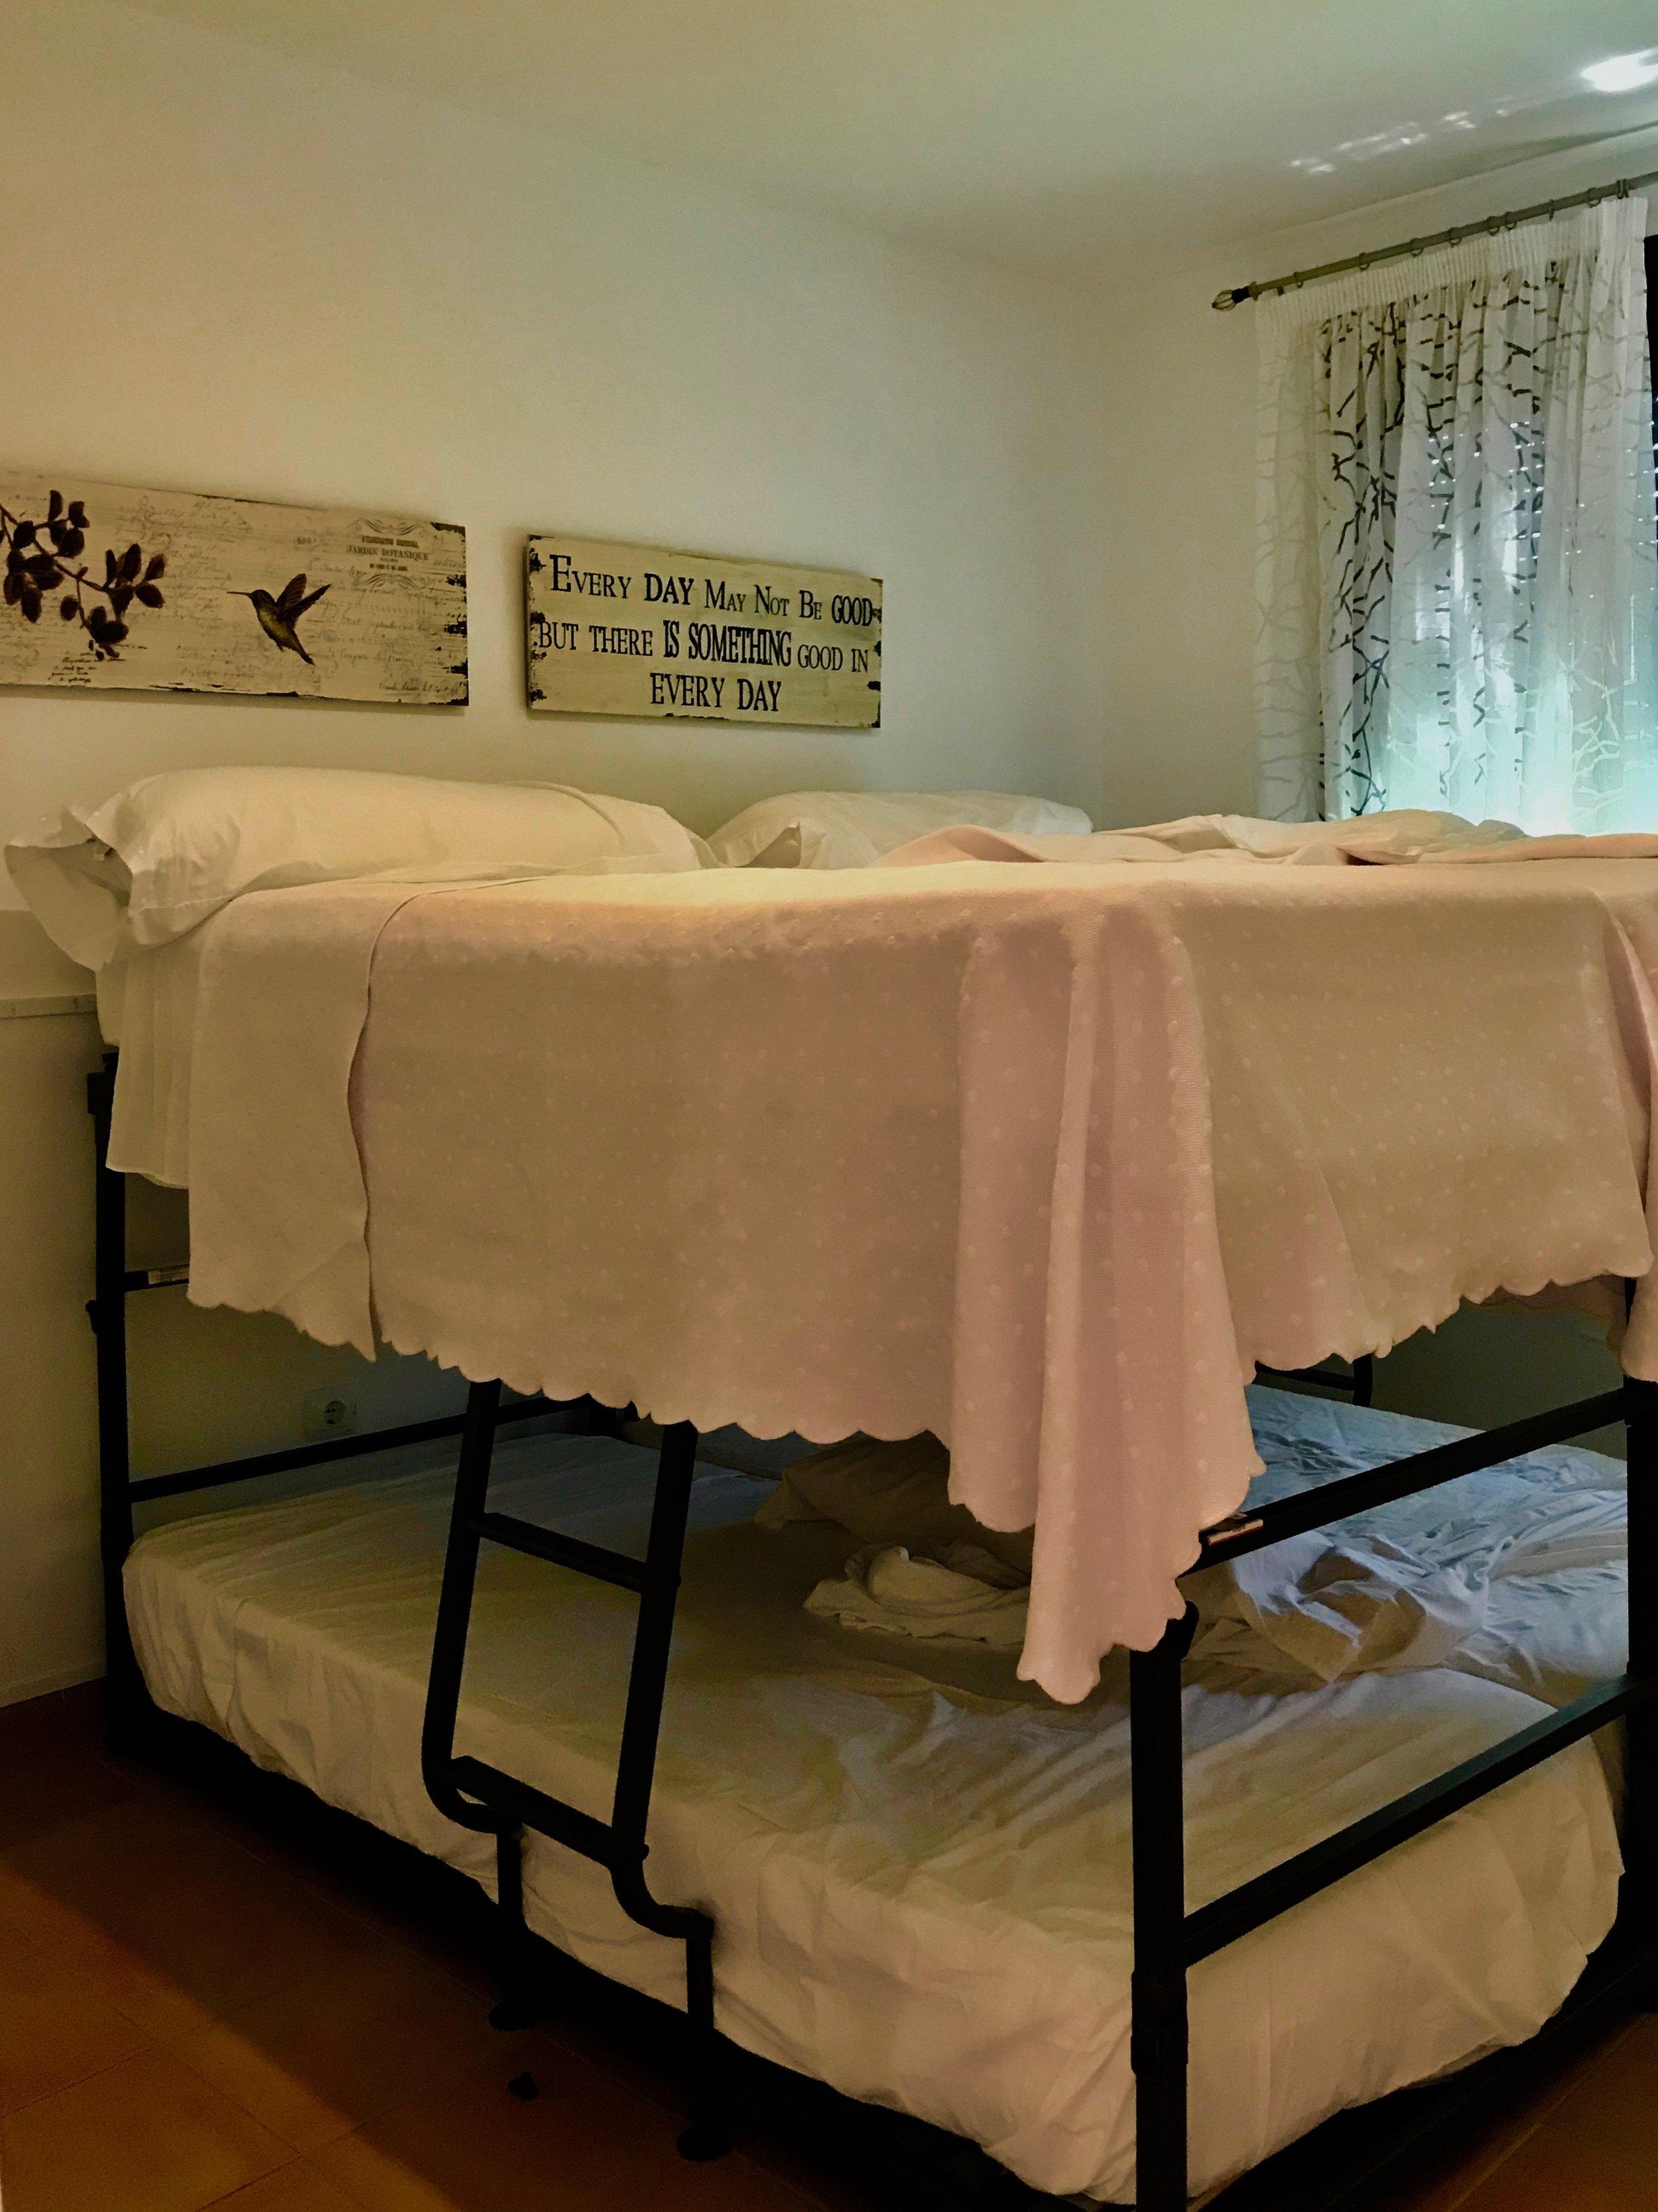 El Dorado children's bedroom with two bunk beds, four beds in total.